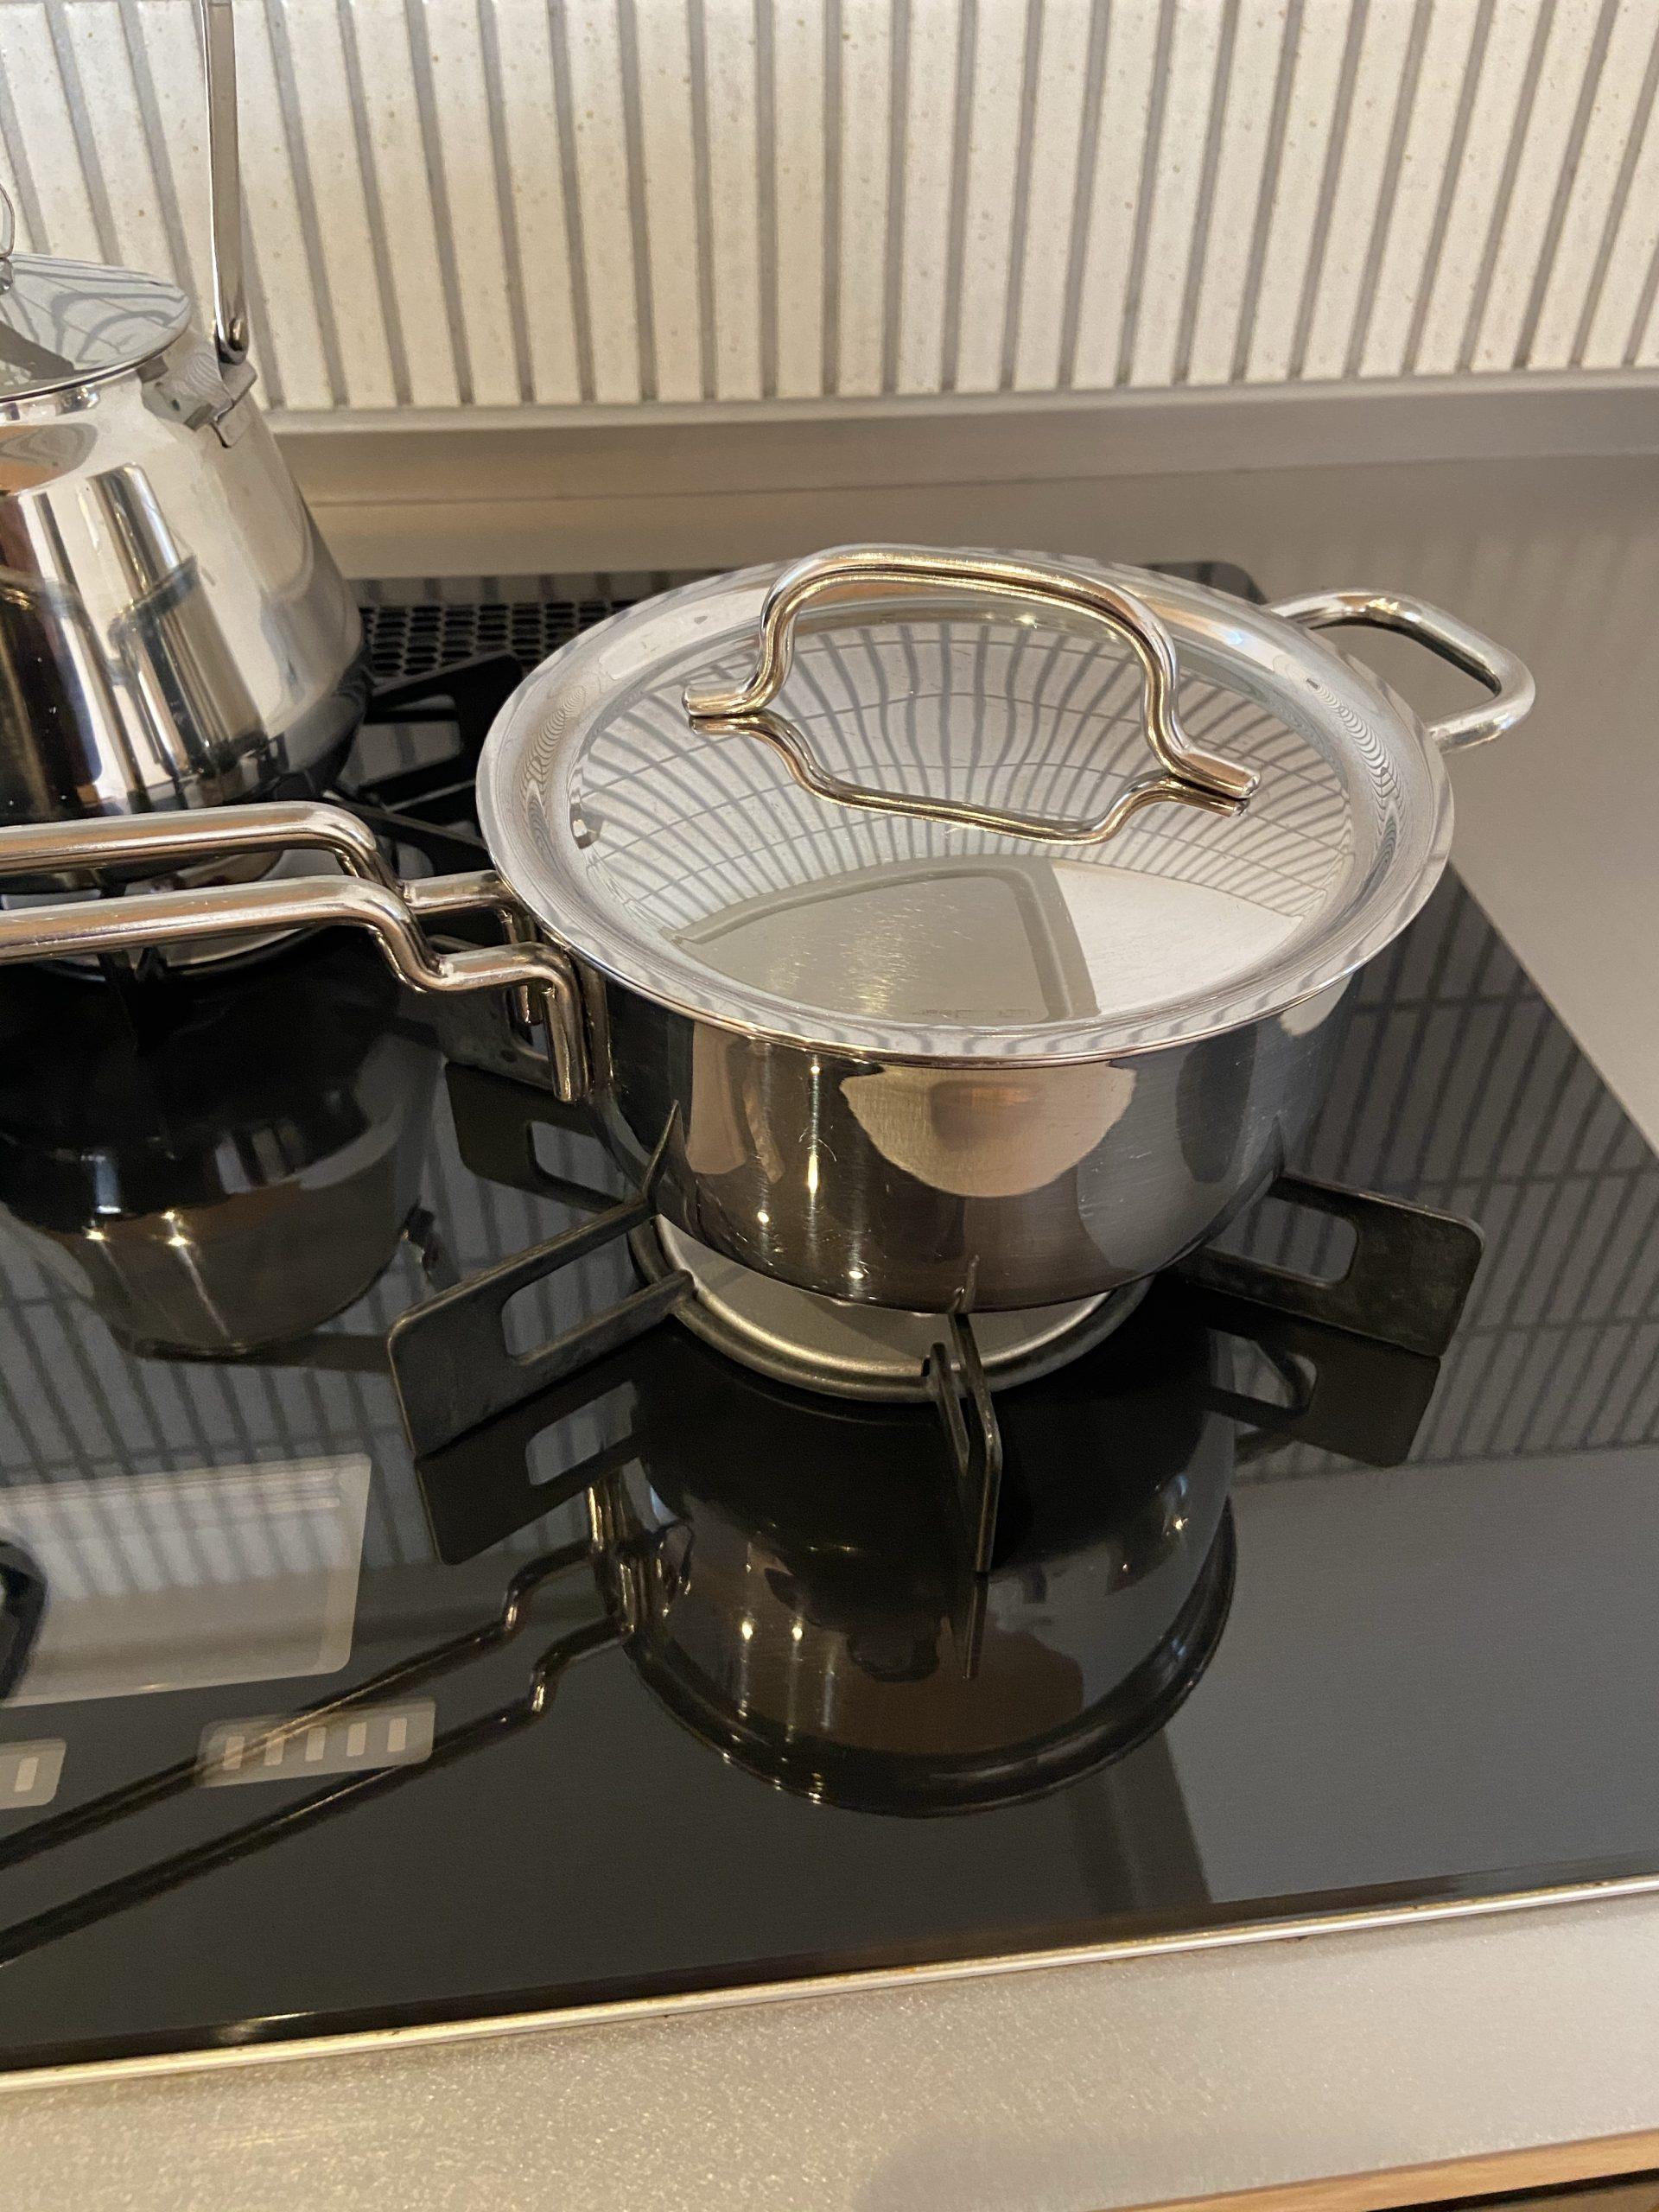 ジオプロダクトの片手鍋